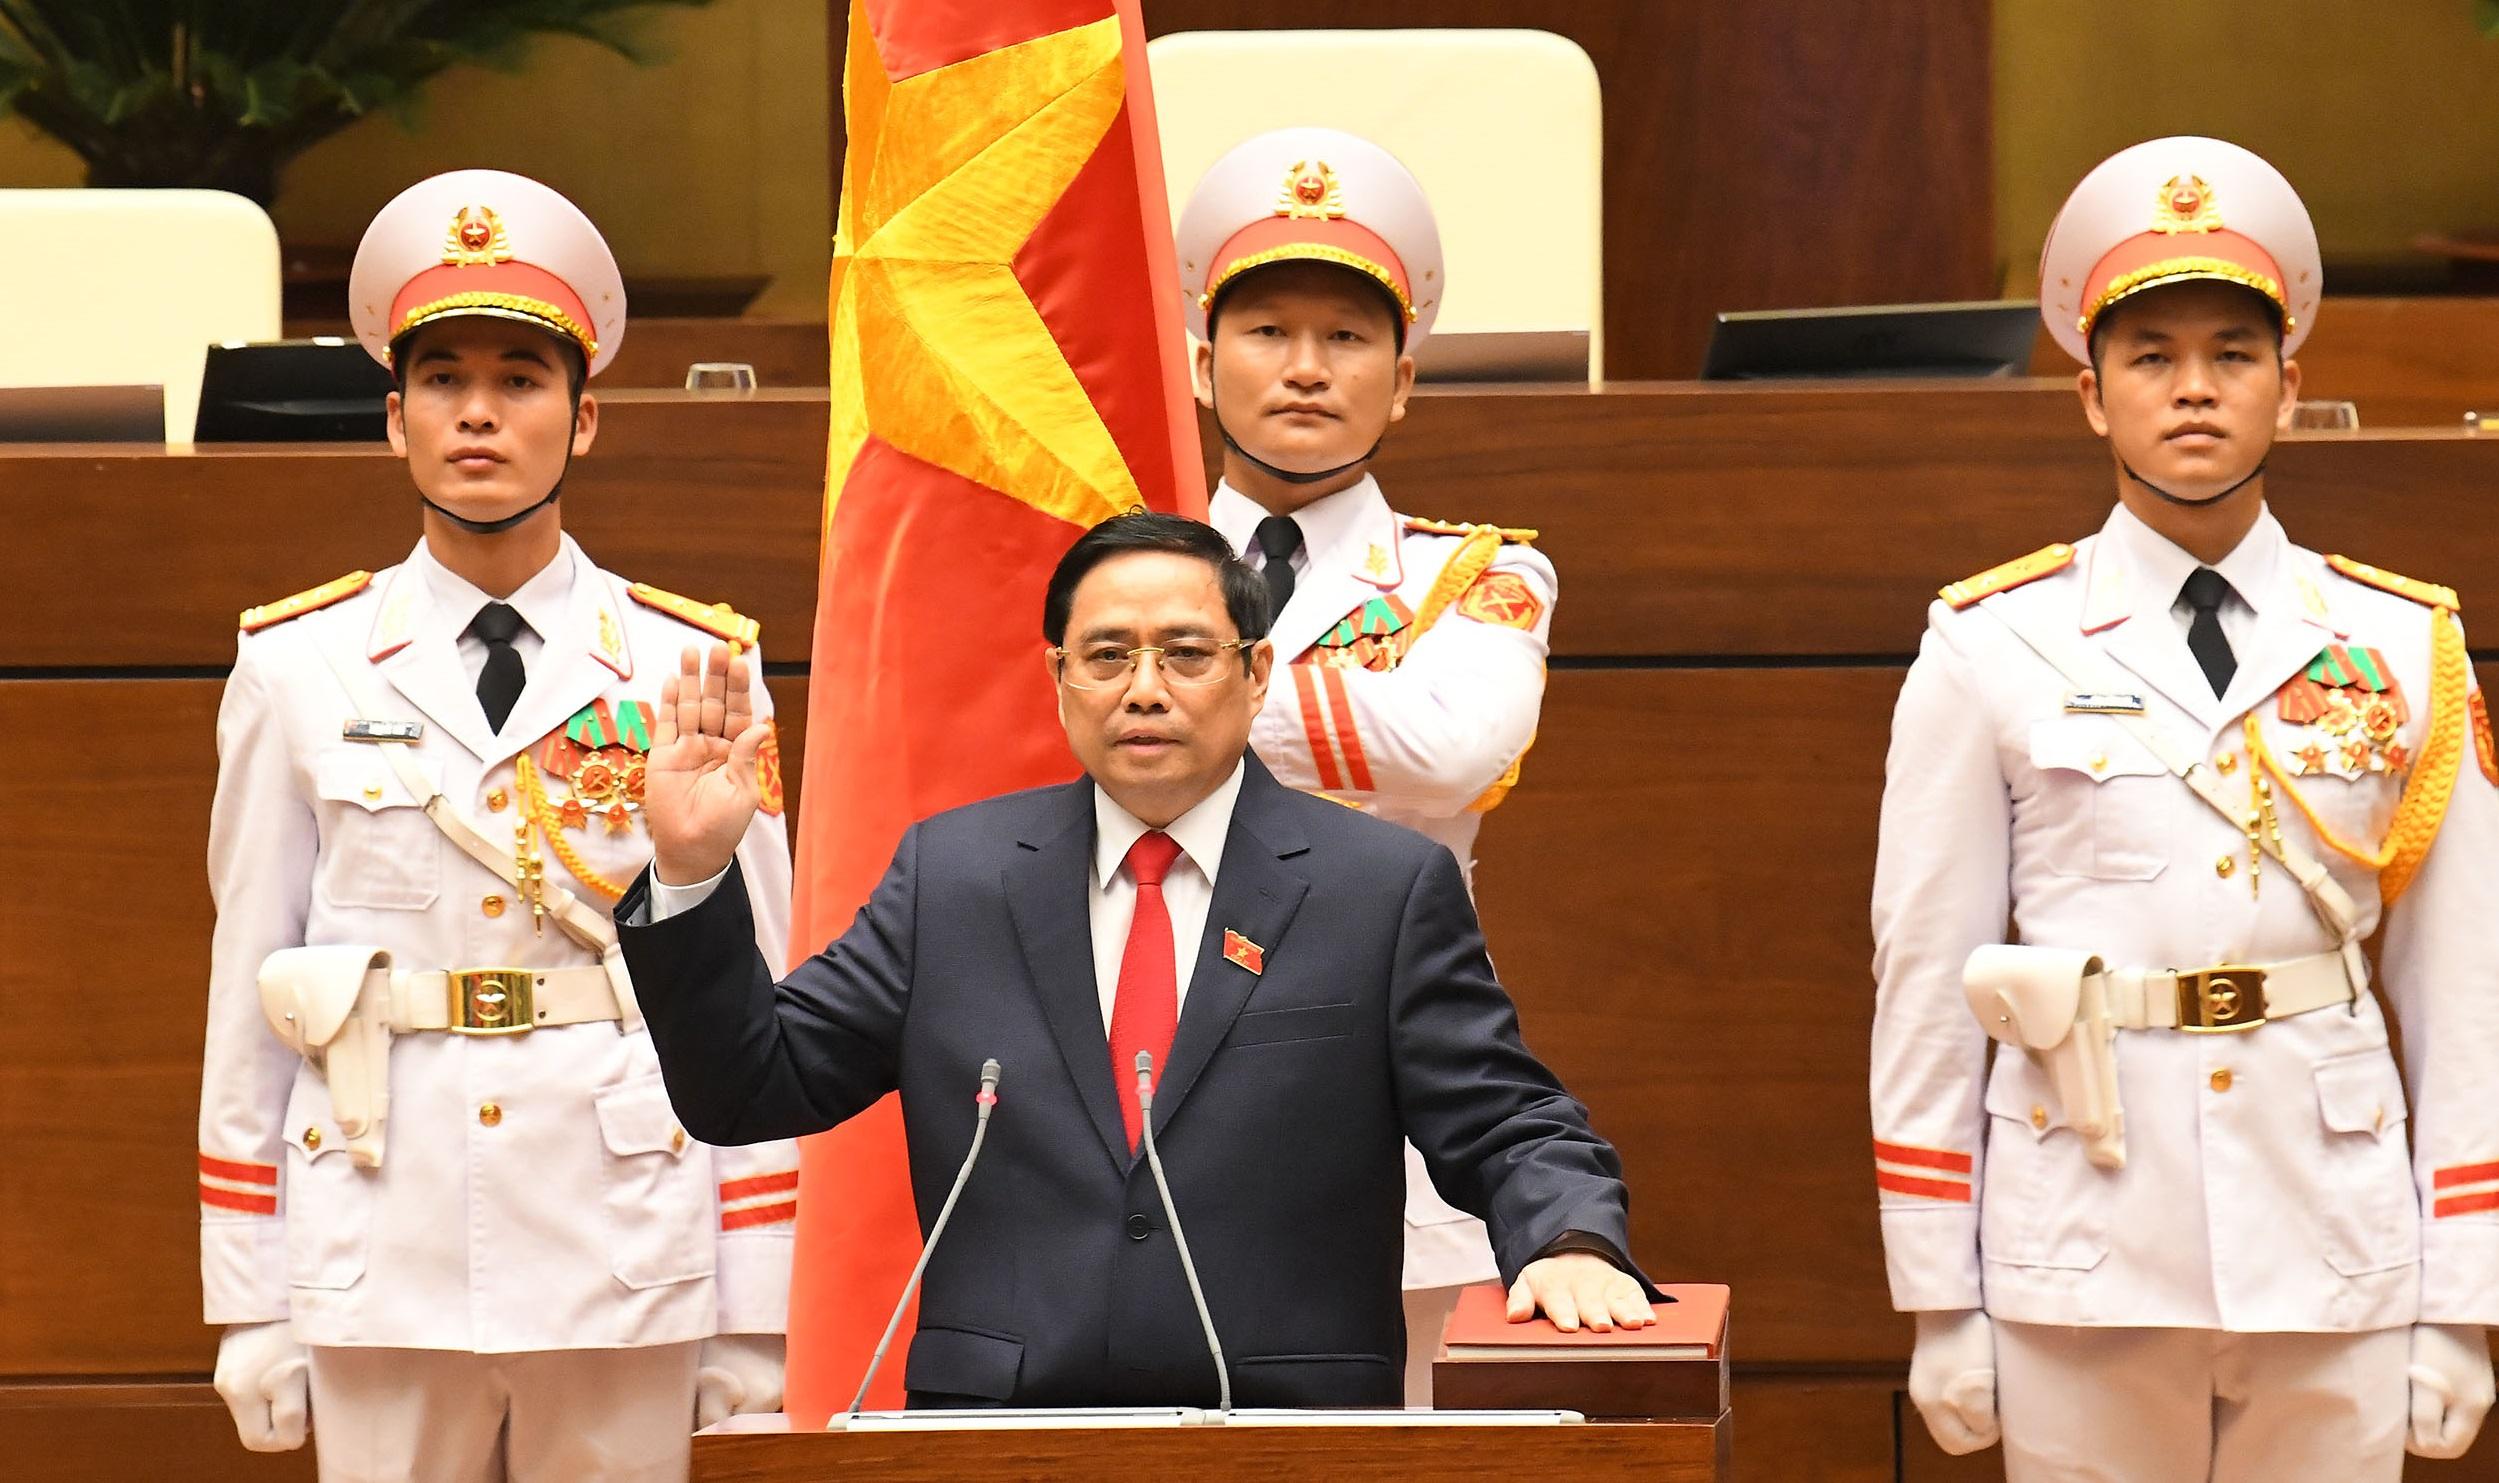 Ông Phạm Minh Chính tái đắc cử chức Thủ tướng Chính phủ nhiệm kỳ 2021-2026